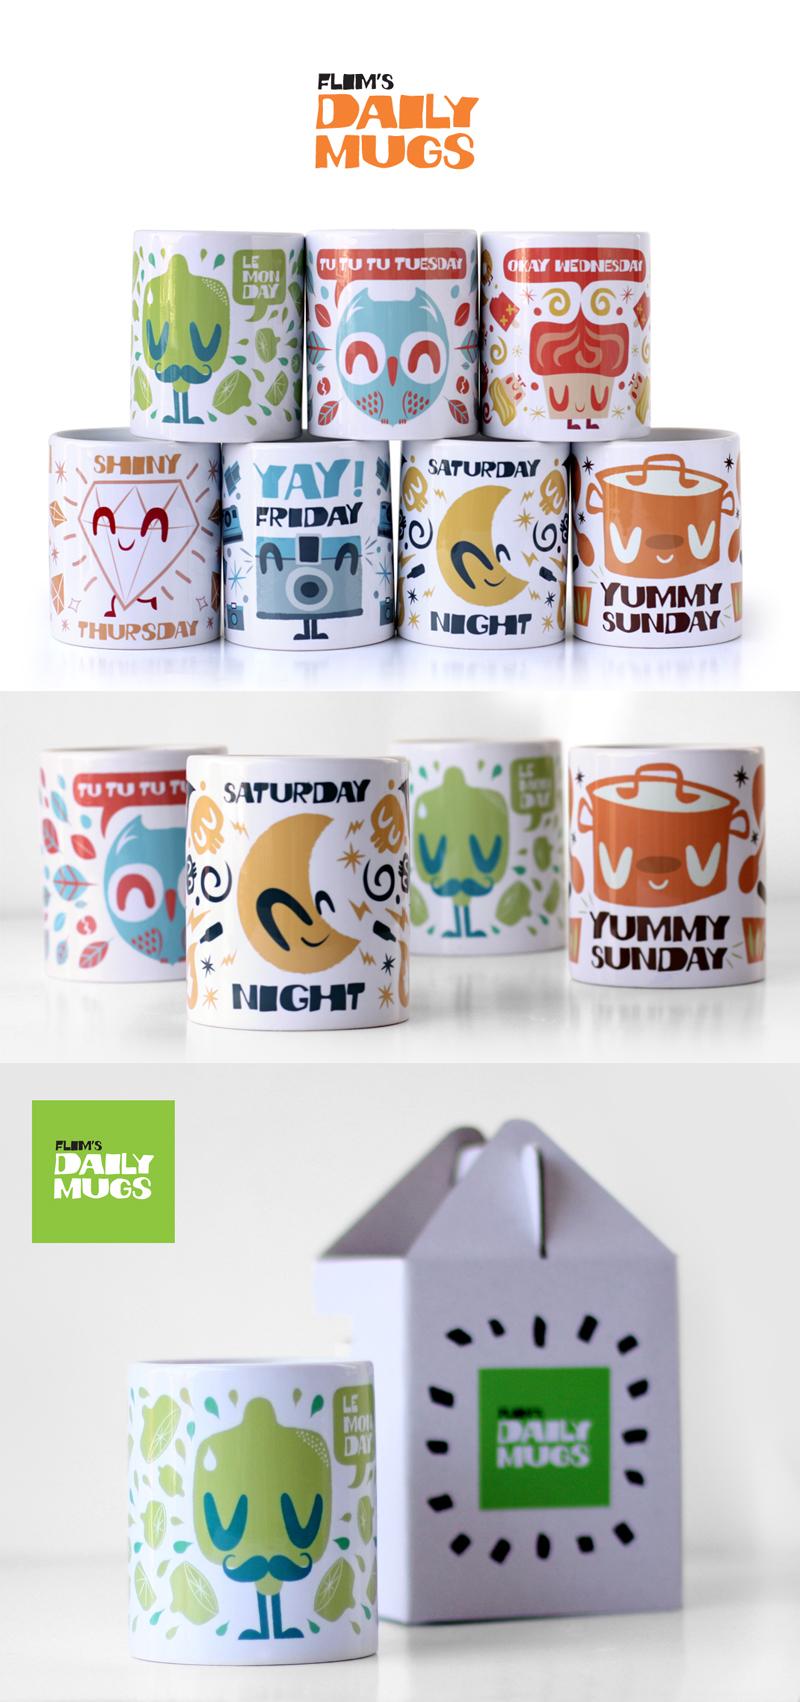 Daily mugs